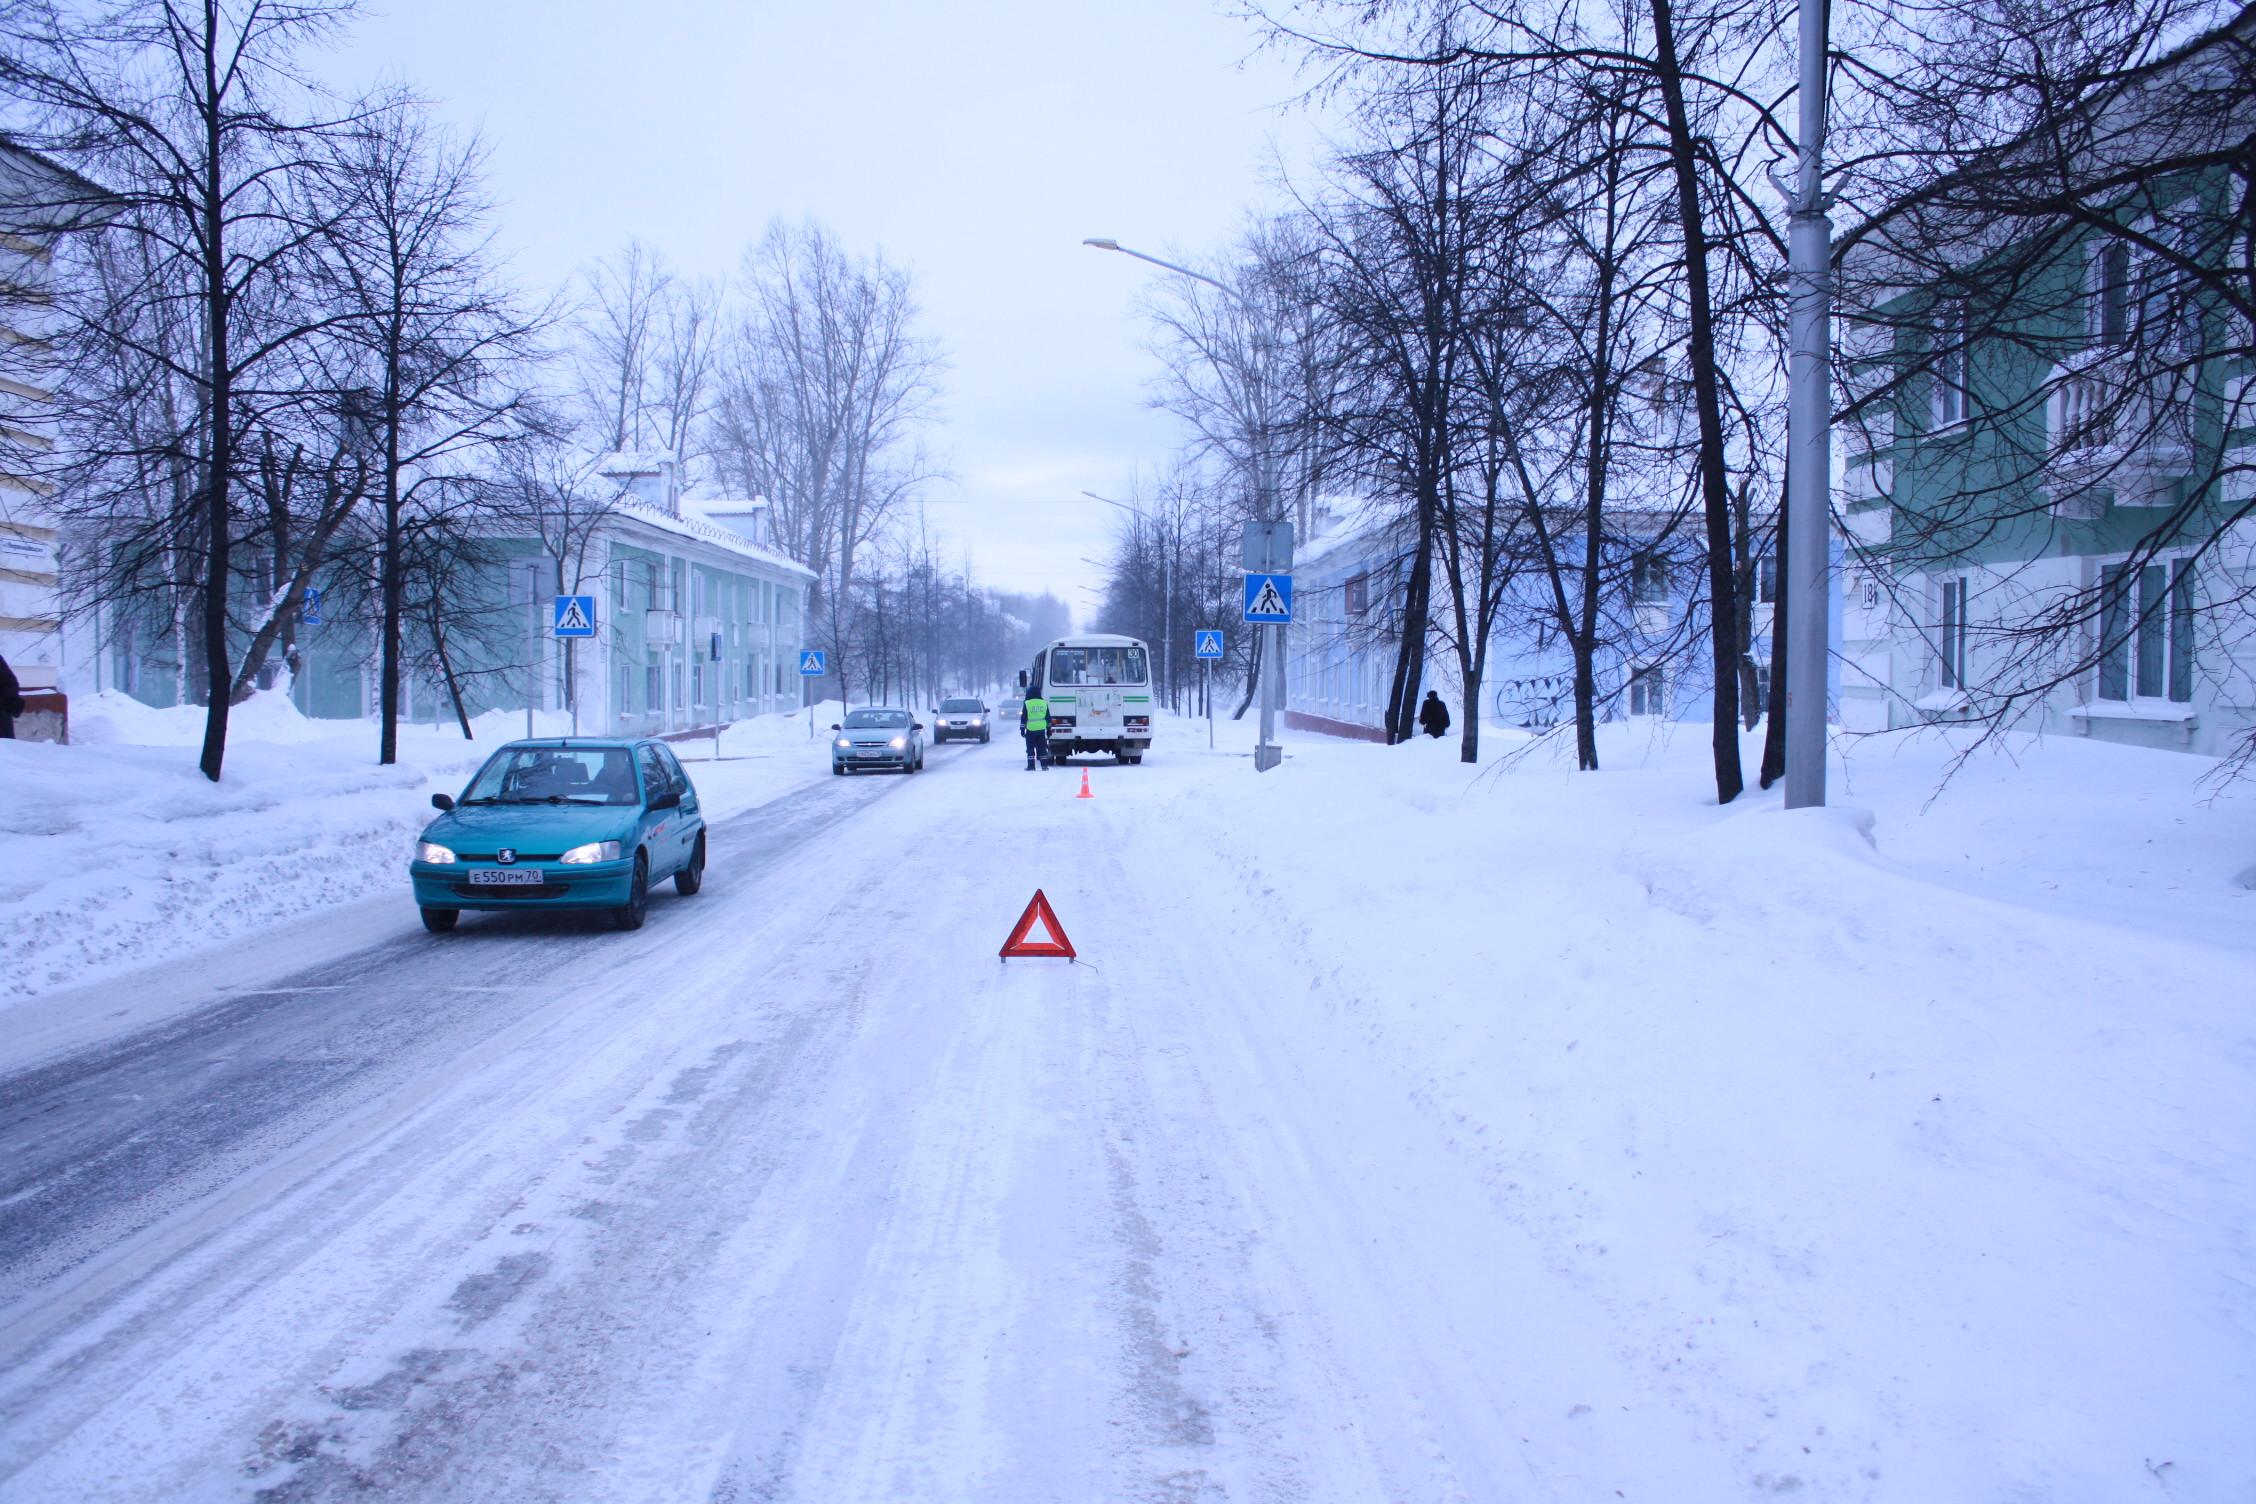 За один день сбили двух пешеходов. Будьте внимательны на дорогах!